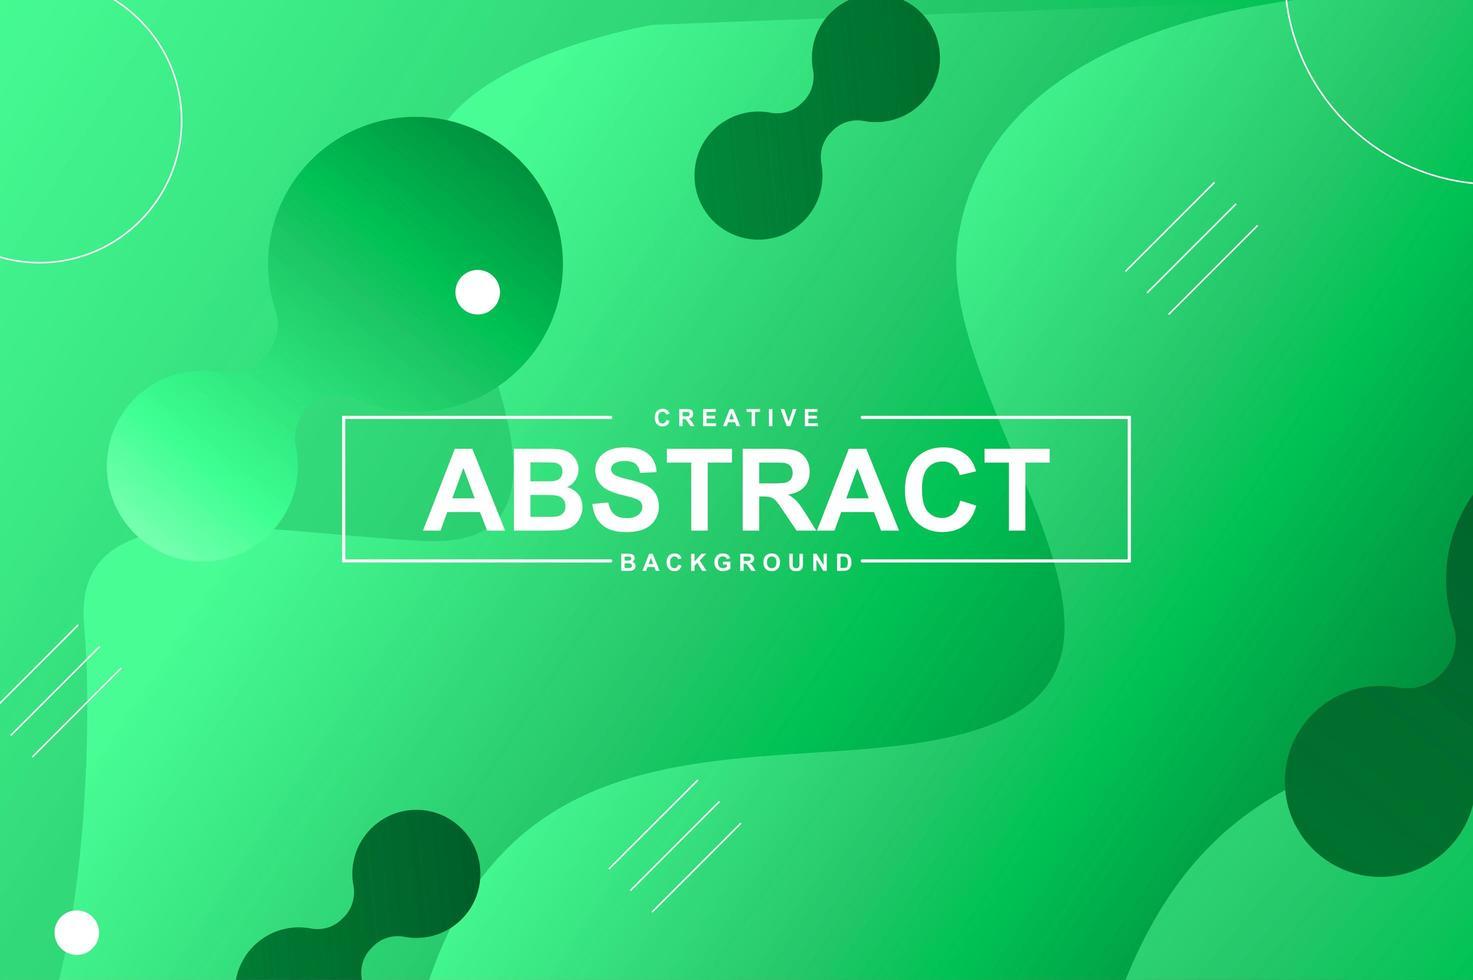 abstraktes Design mit dynamischen grünen flüssigen Formen vektor